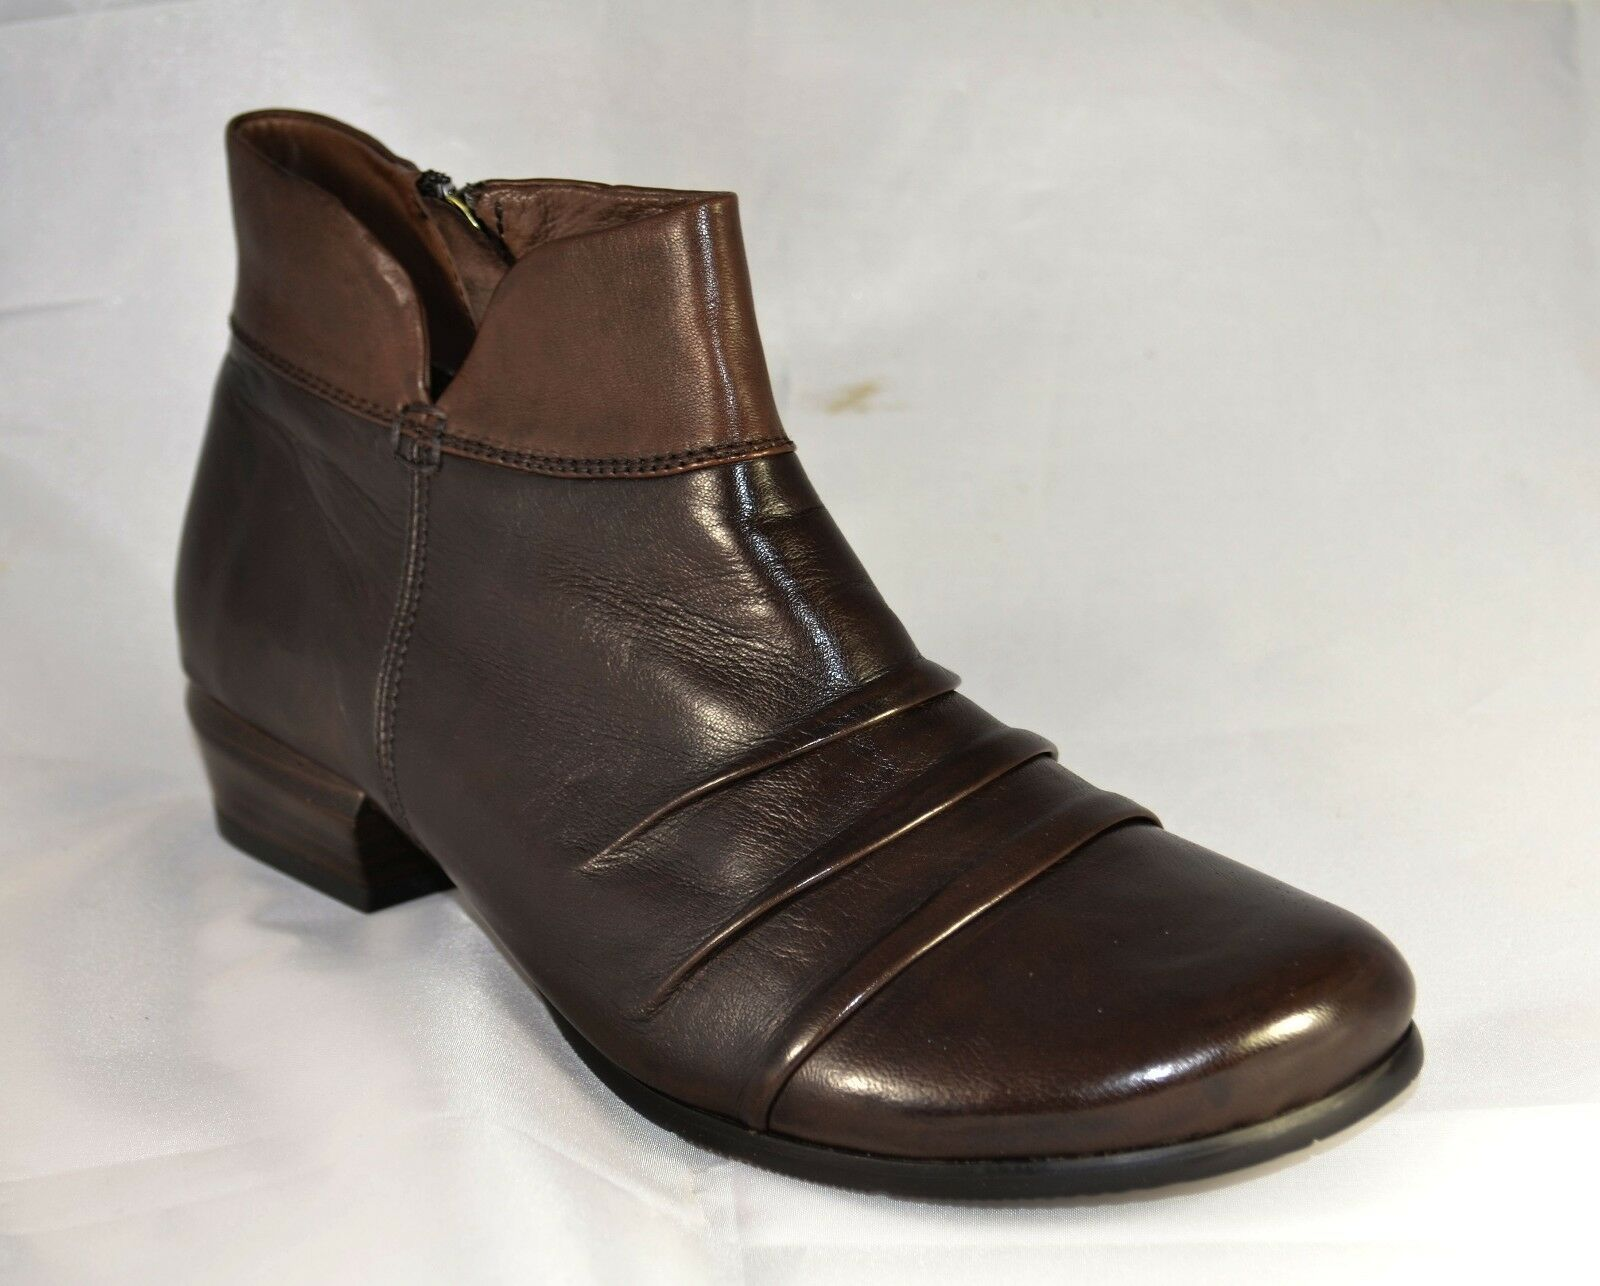 Zapatos señora zapatos piazza señora botines marrón tamaño 37 (PE 1574)